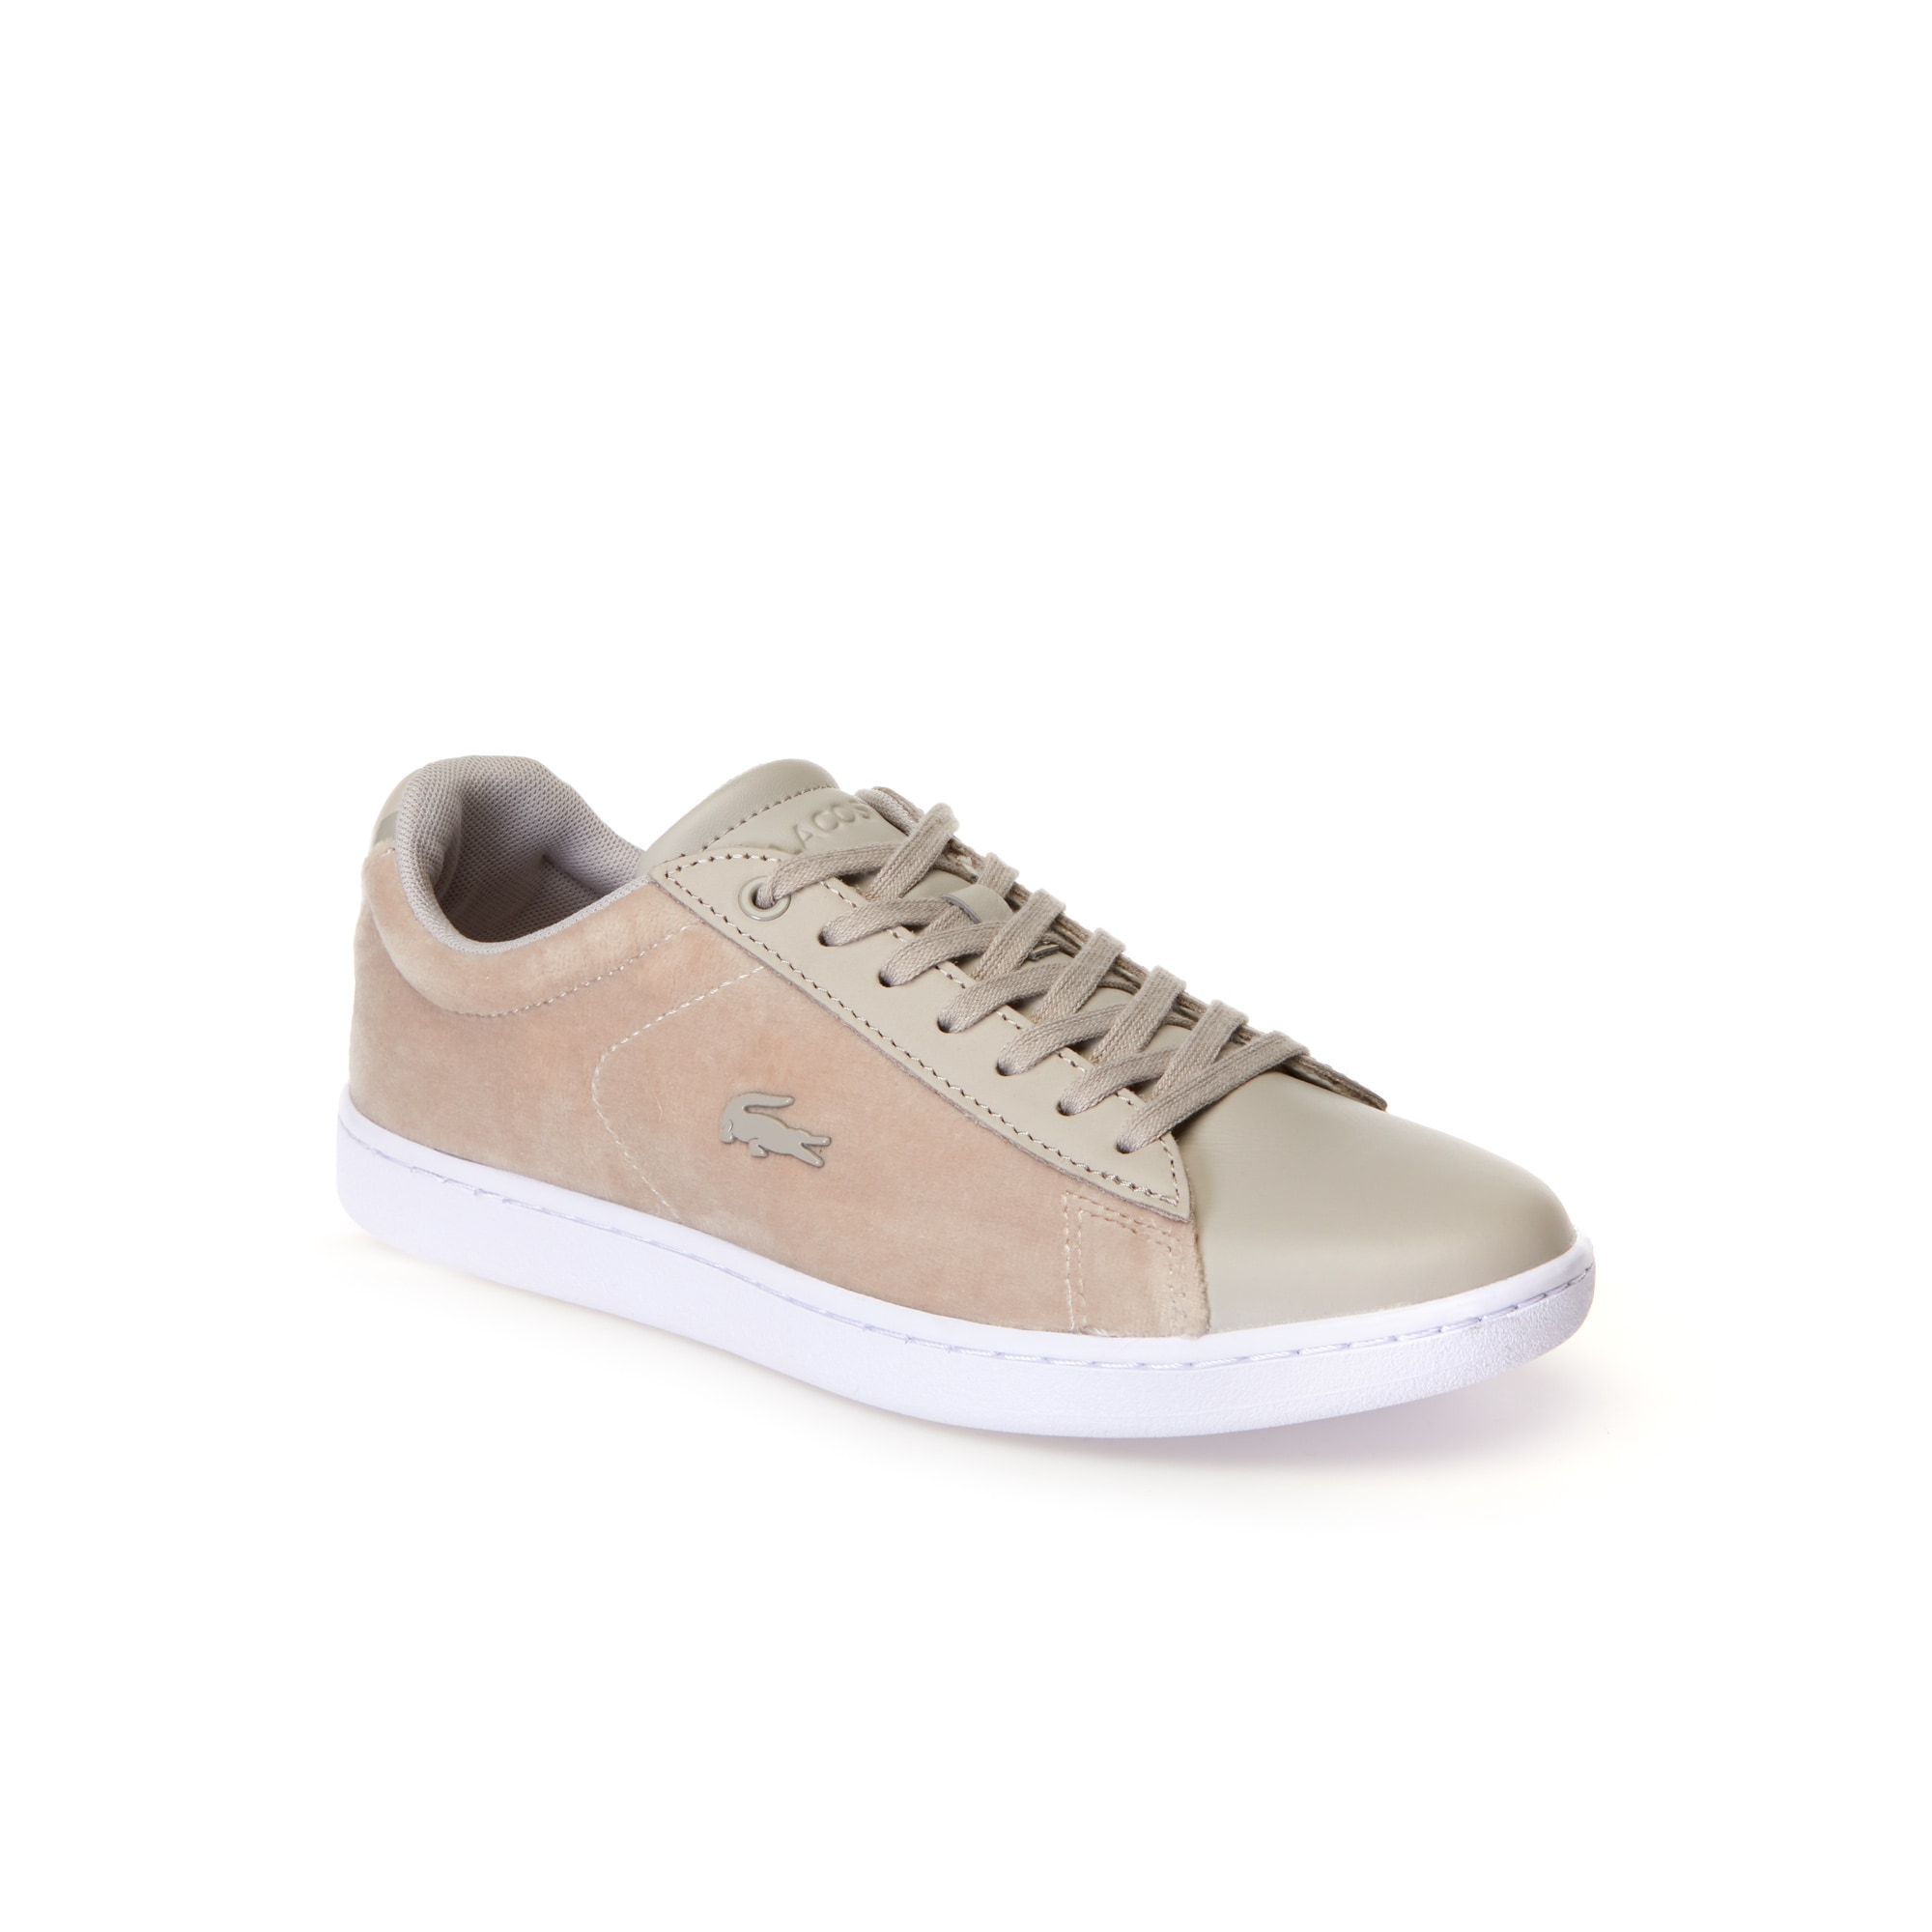 Damen-Sneakers CARNABY EVO aus Samt und Leder